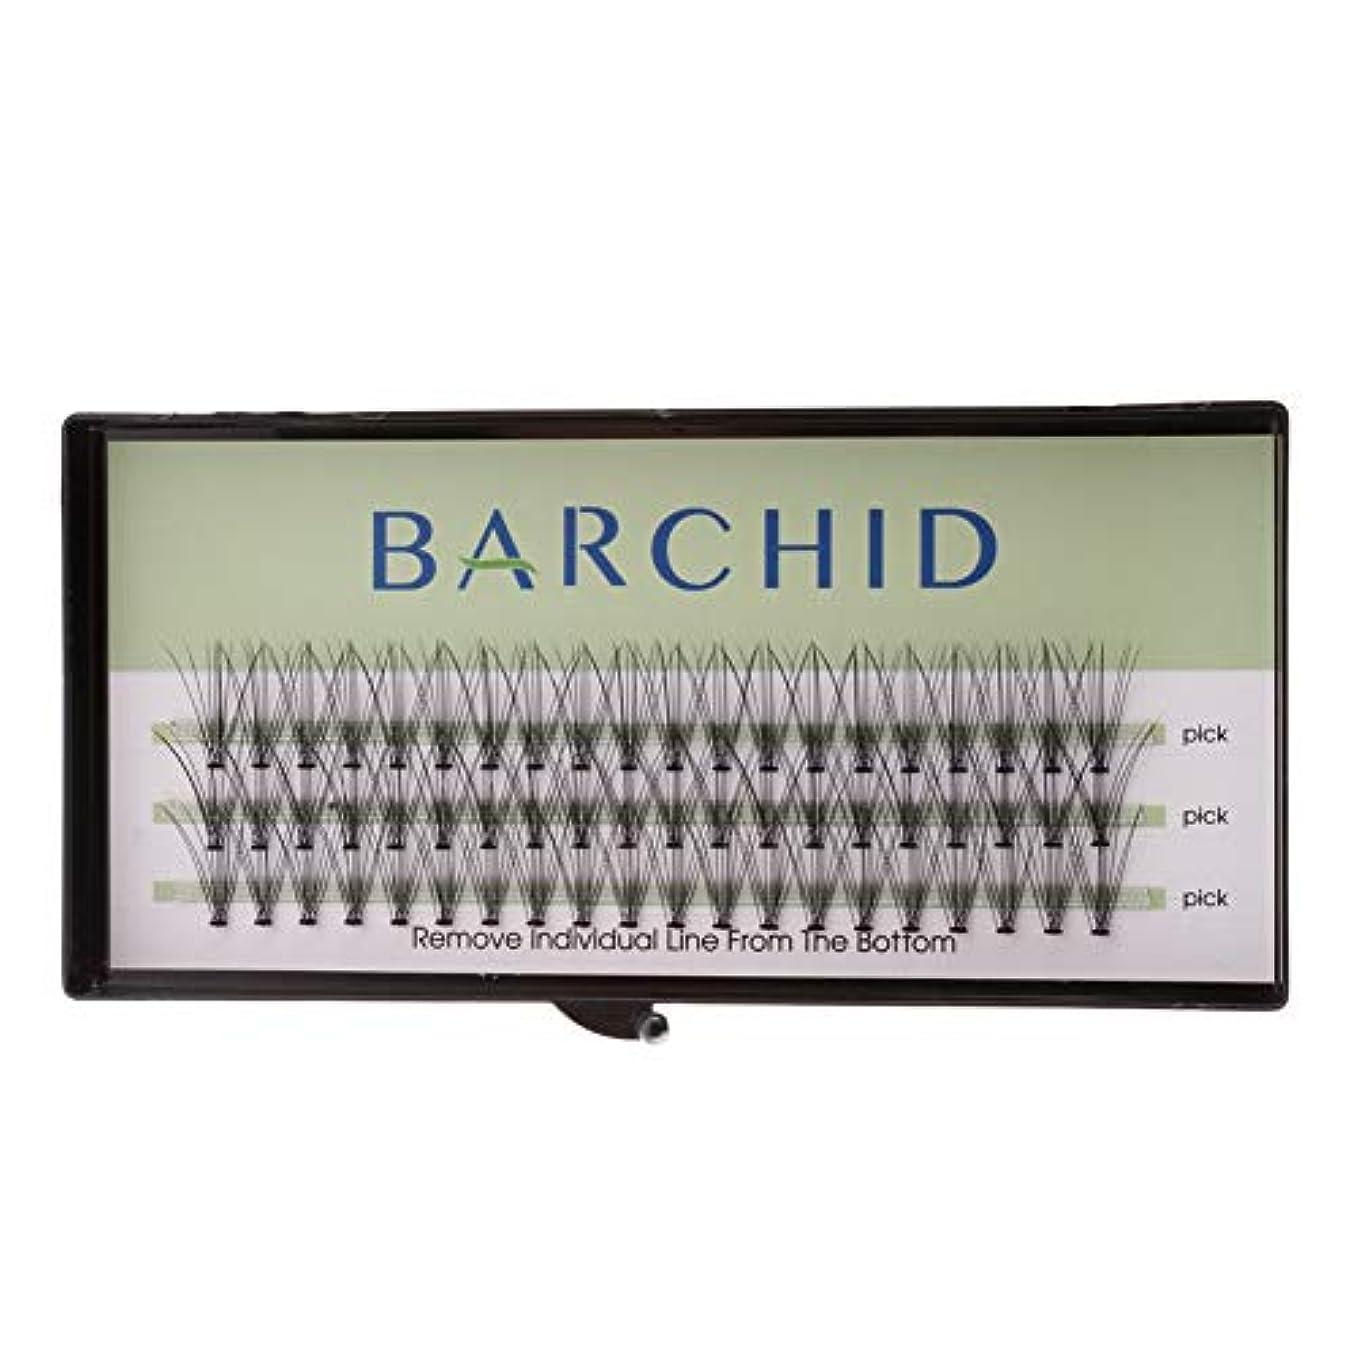 環境に優しい舞い上がる不信BARCHID 高品質超極細まつげエクステ太さ0.07mm Cカール フレア セルフ用 素材 10本束14mm マツエク